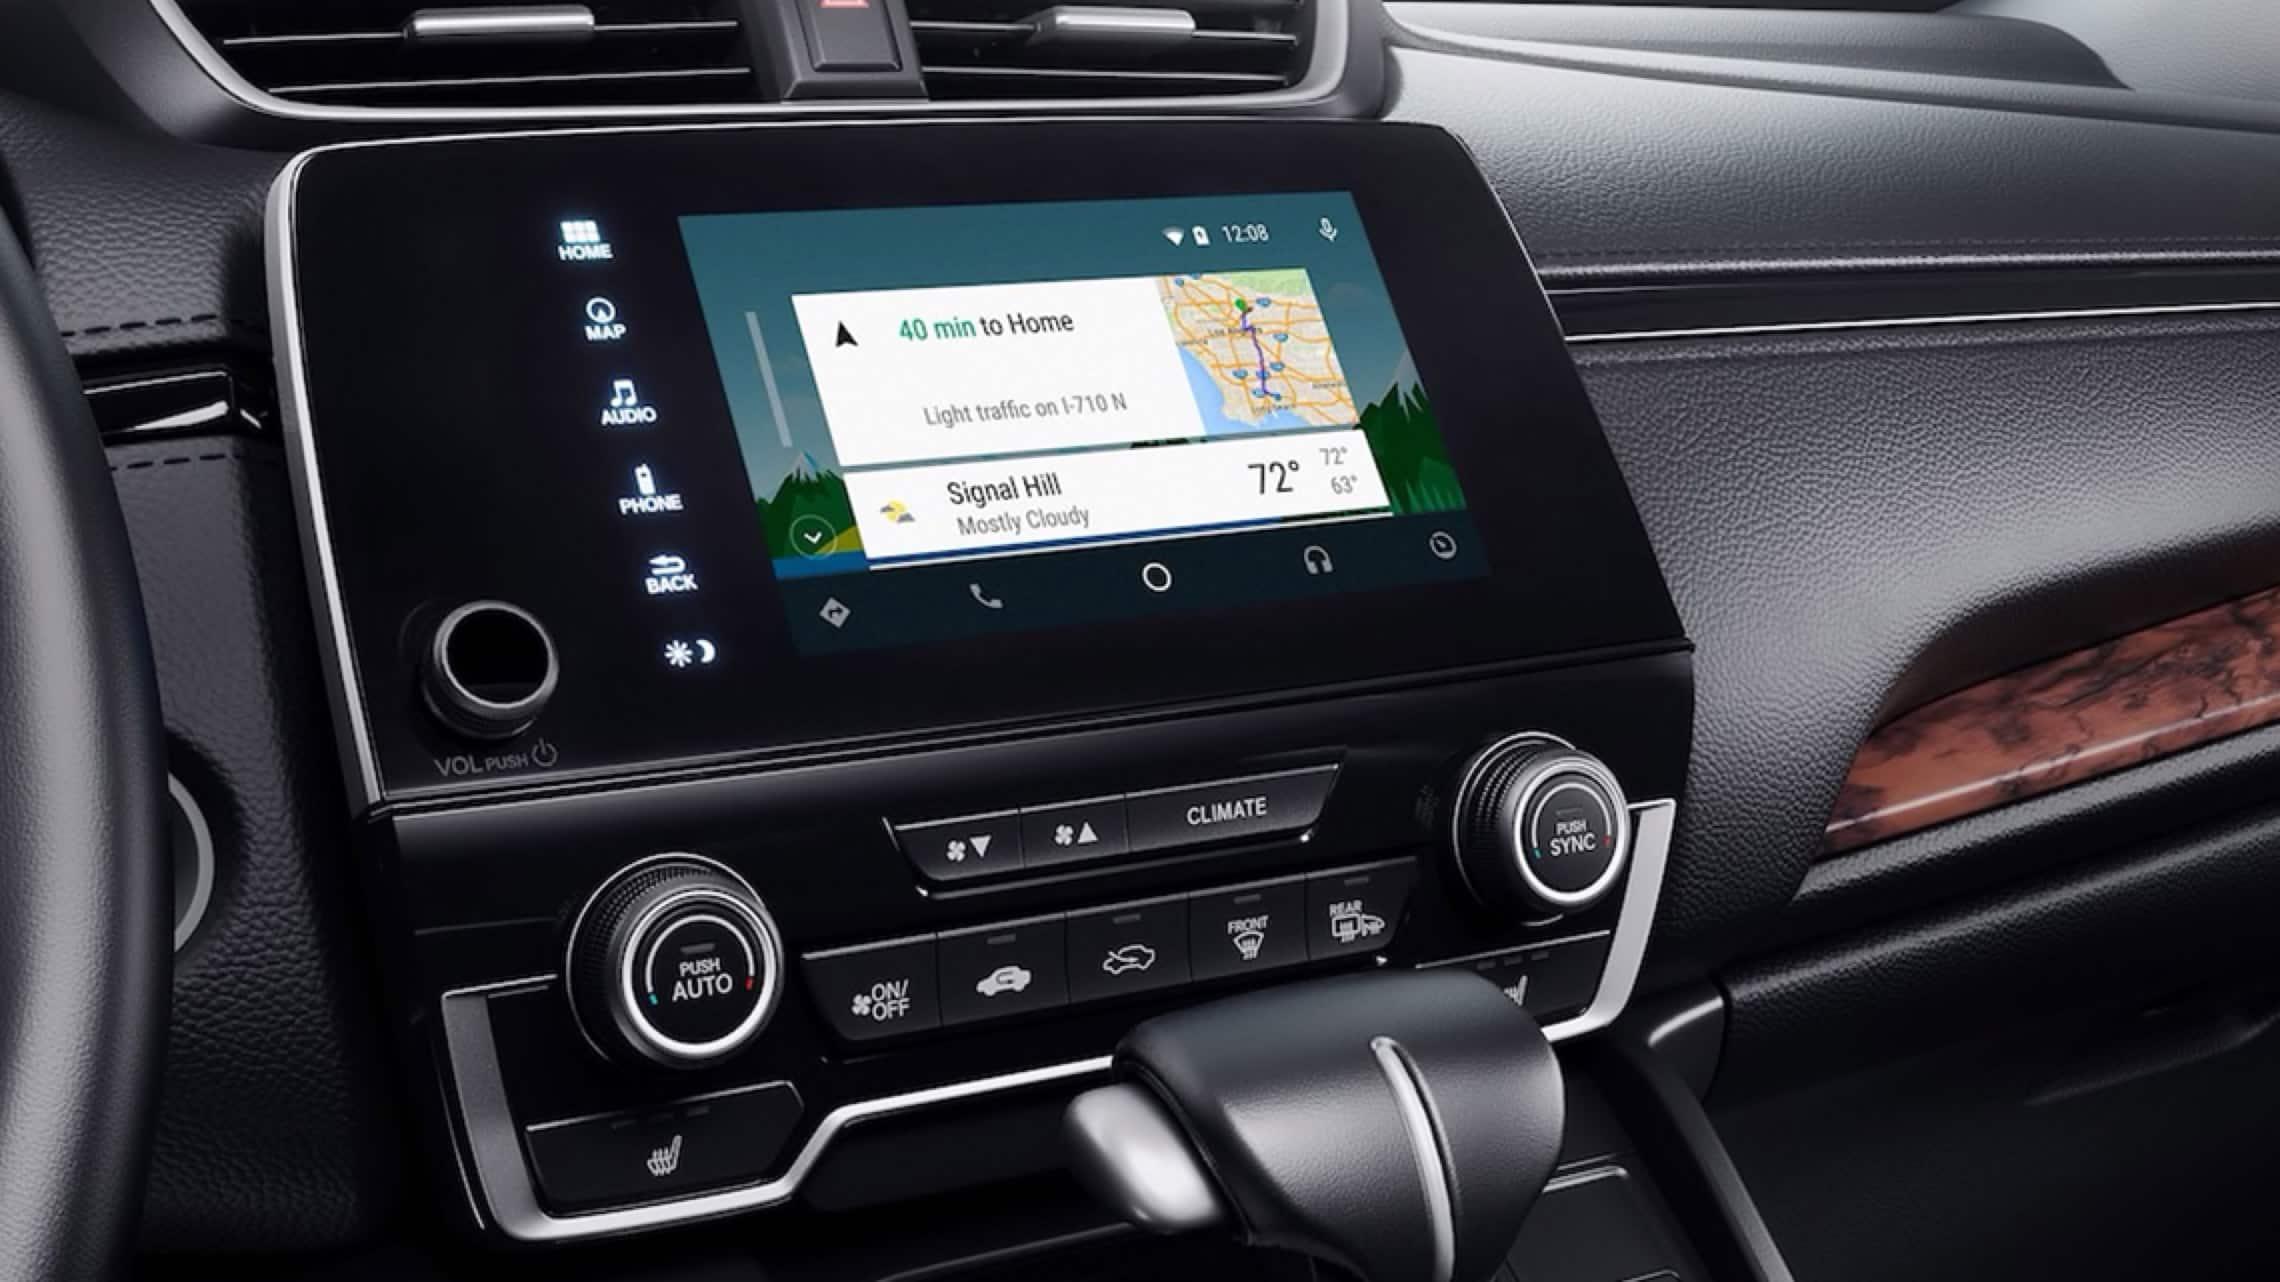 Sistema de audio en pantalla táctil con menú de integración con Android Auto™ en la Honda CR-V2019.